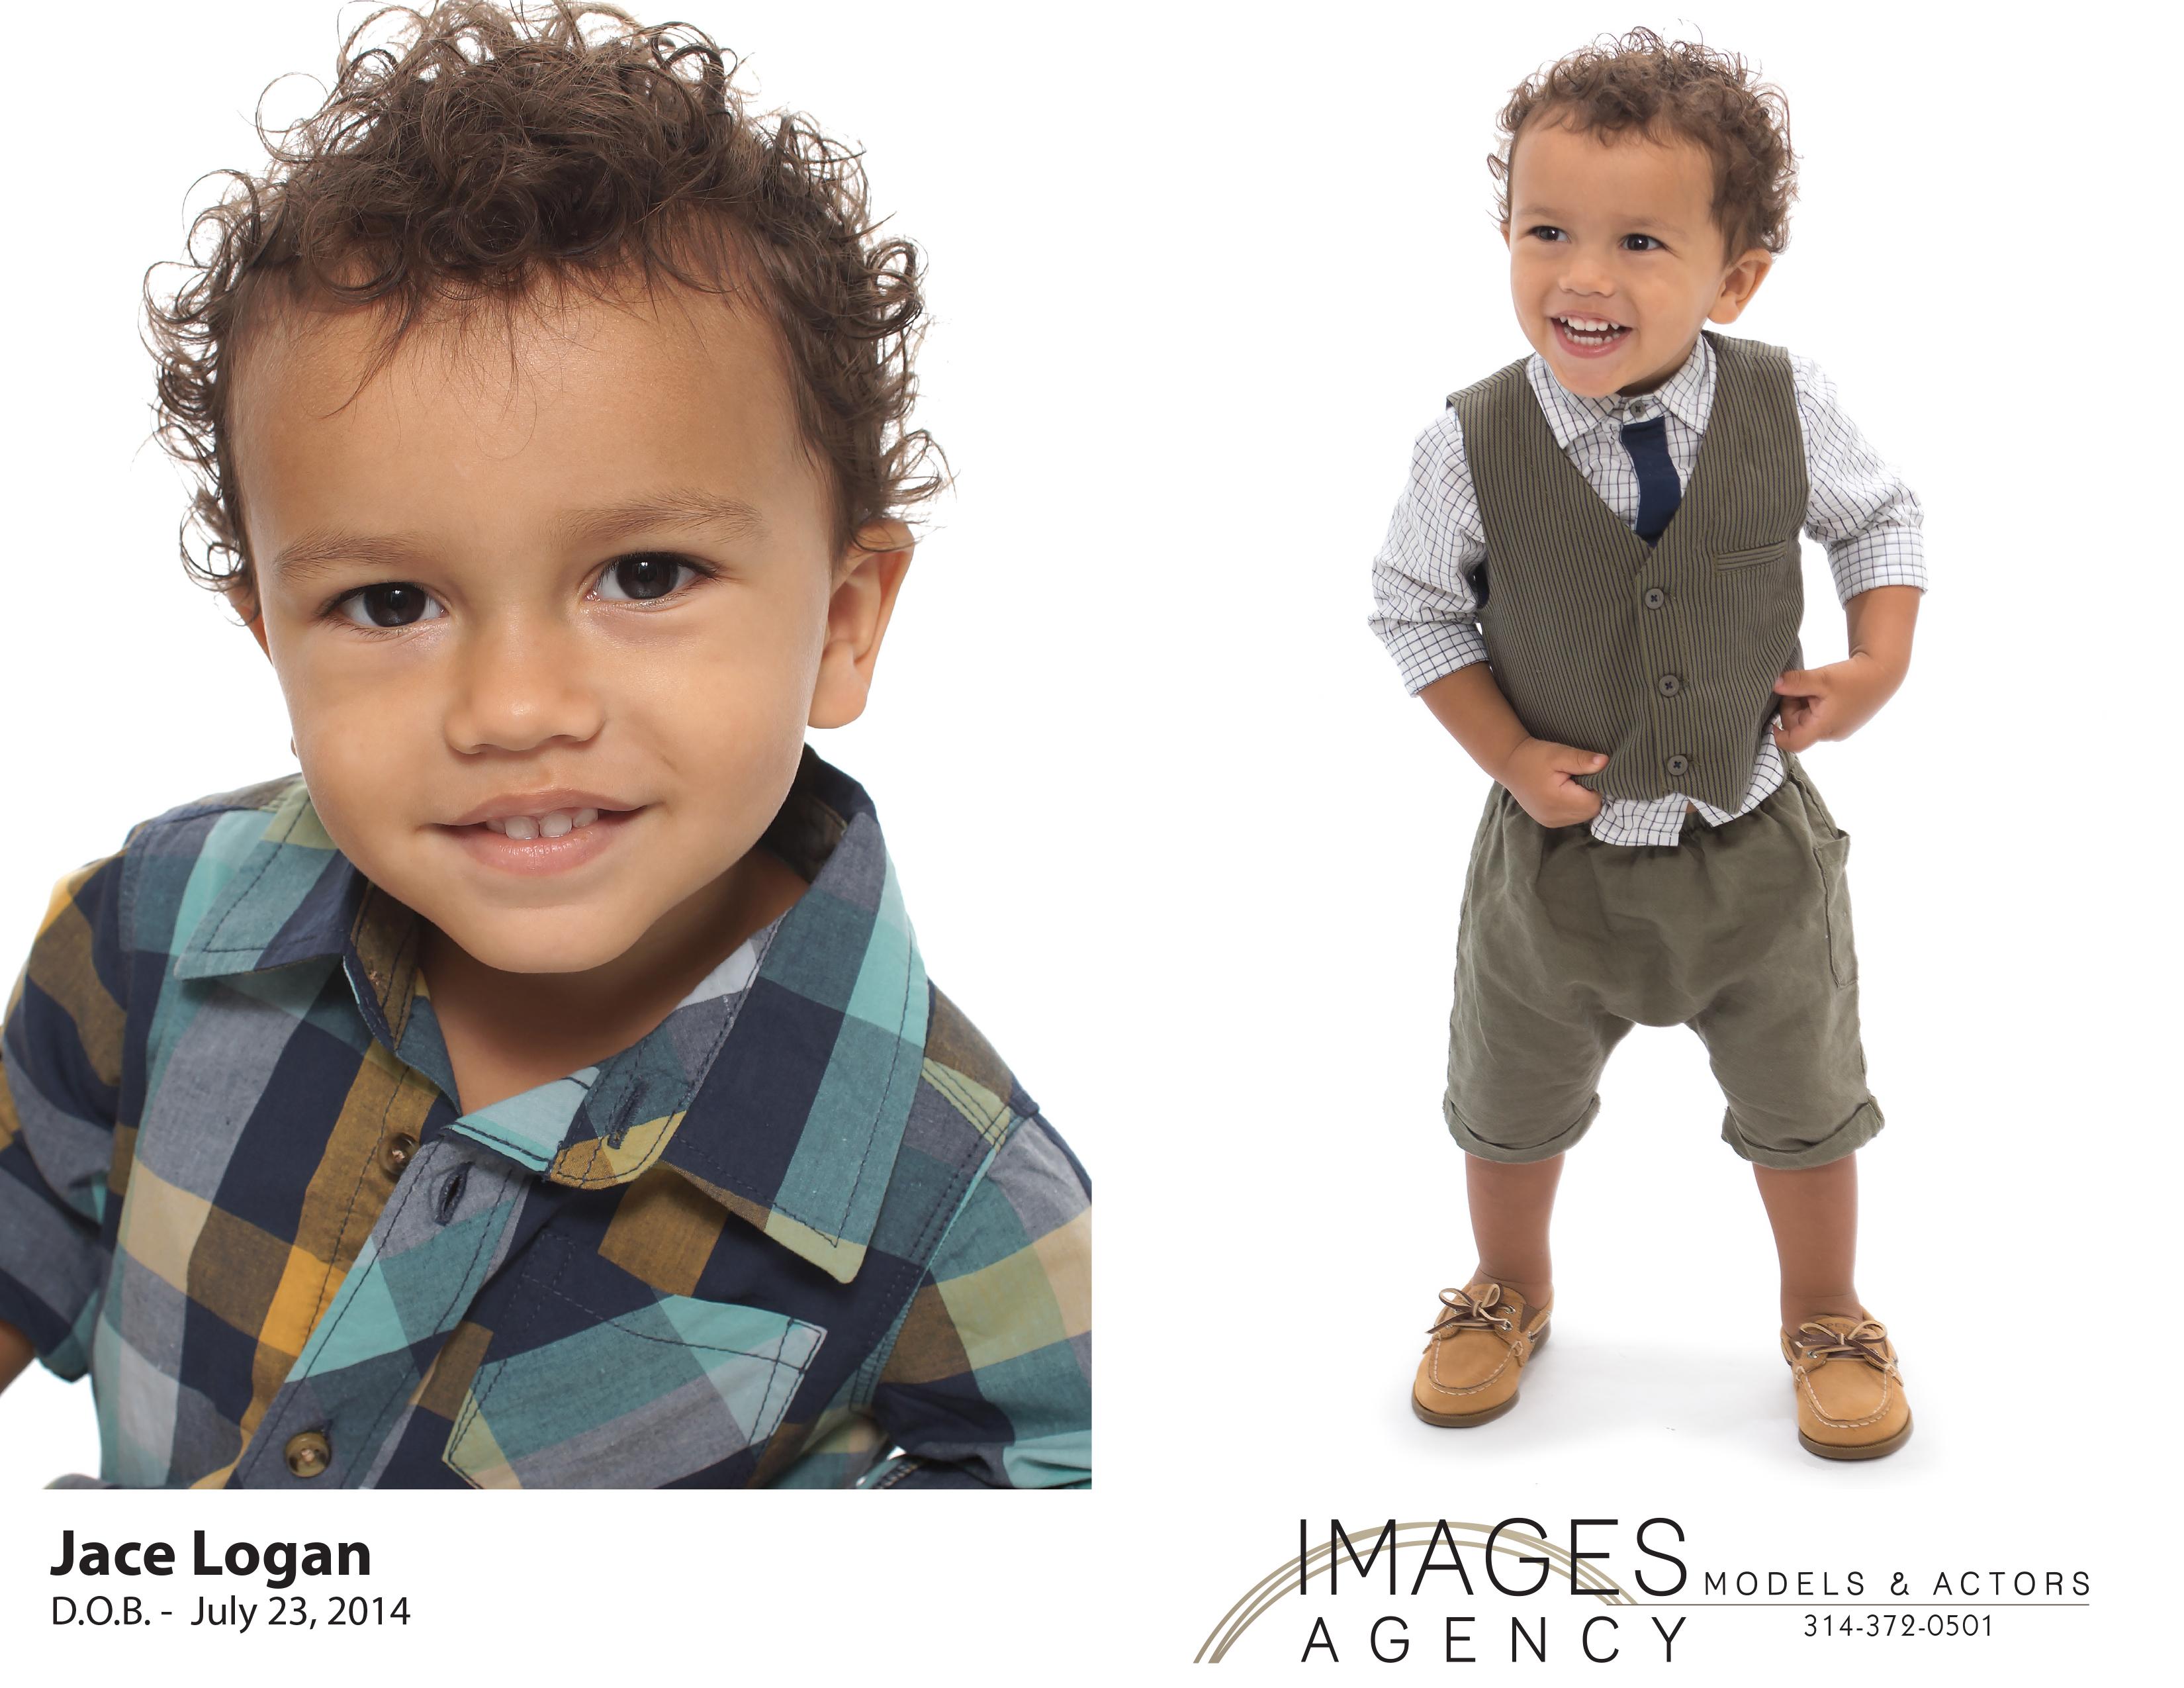 Jace Logan